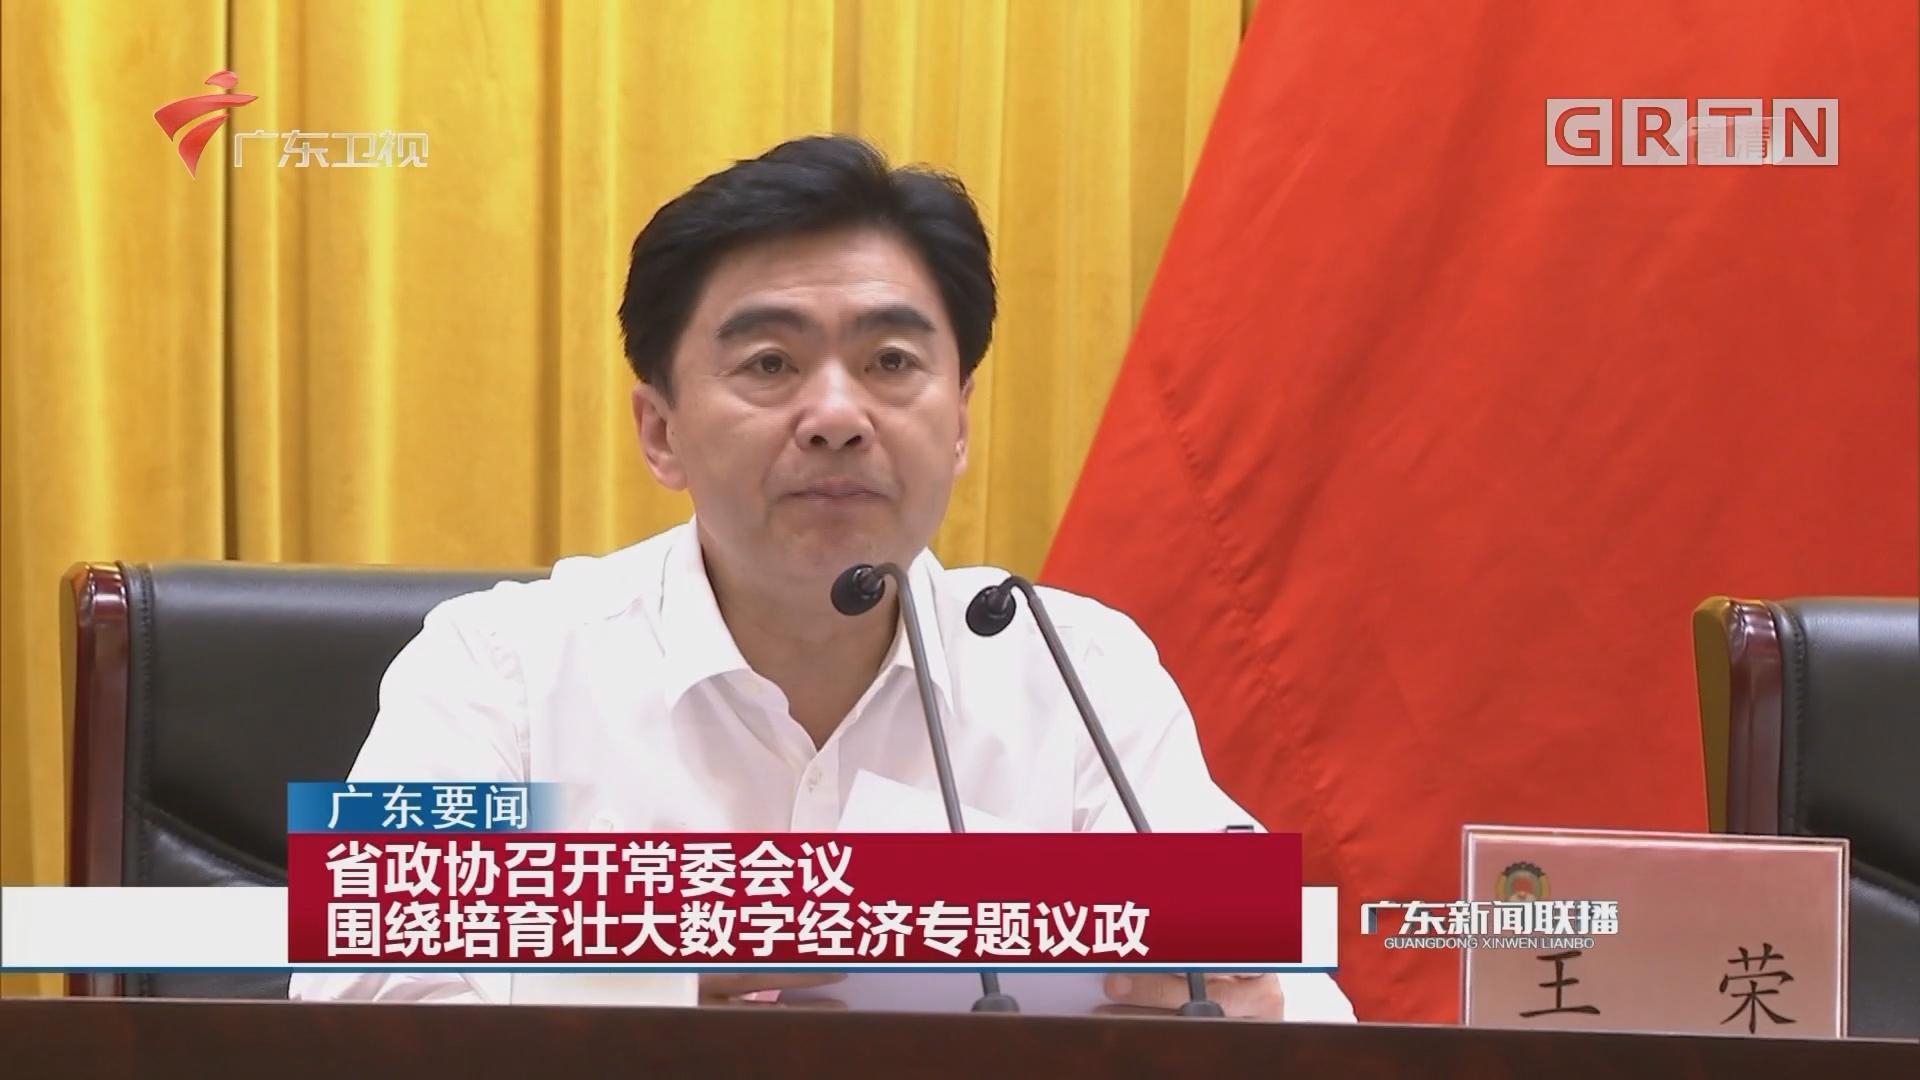 省政协召开常委会议 围绕培育壮大数字经济专题议政